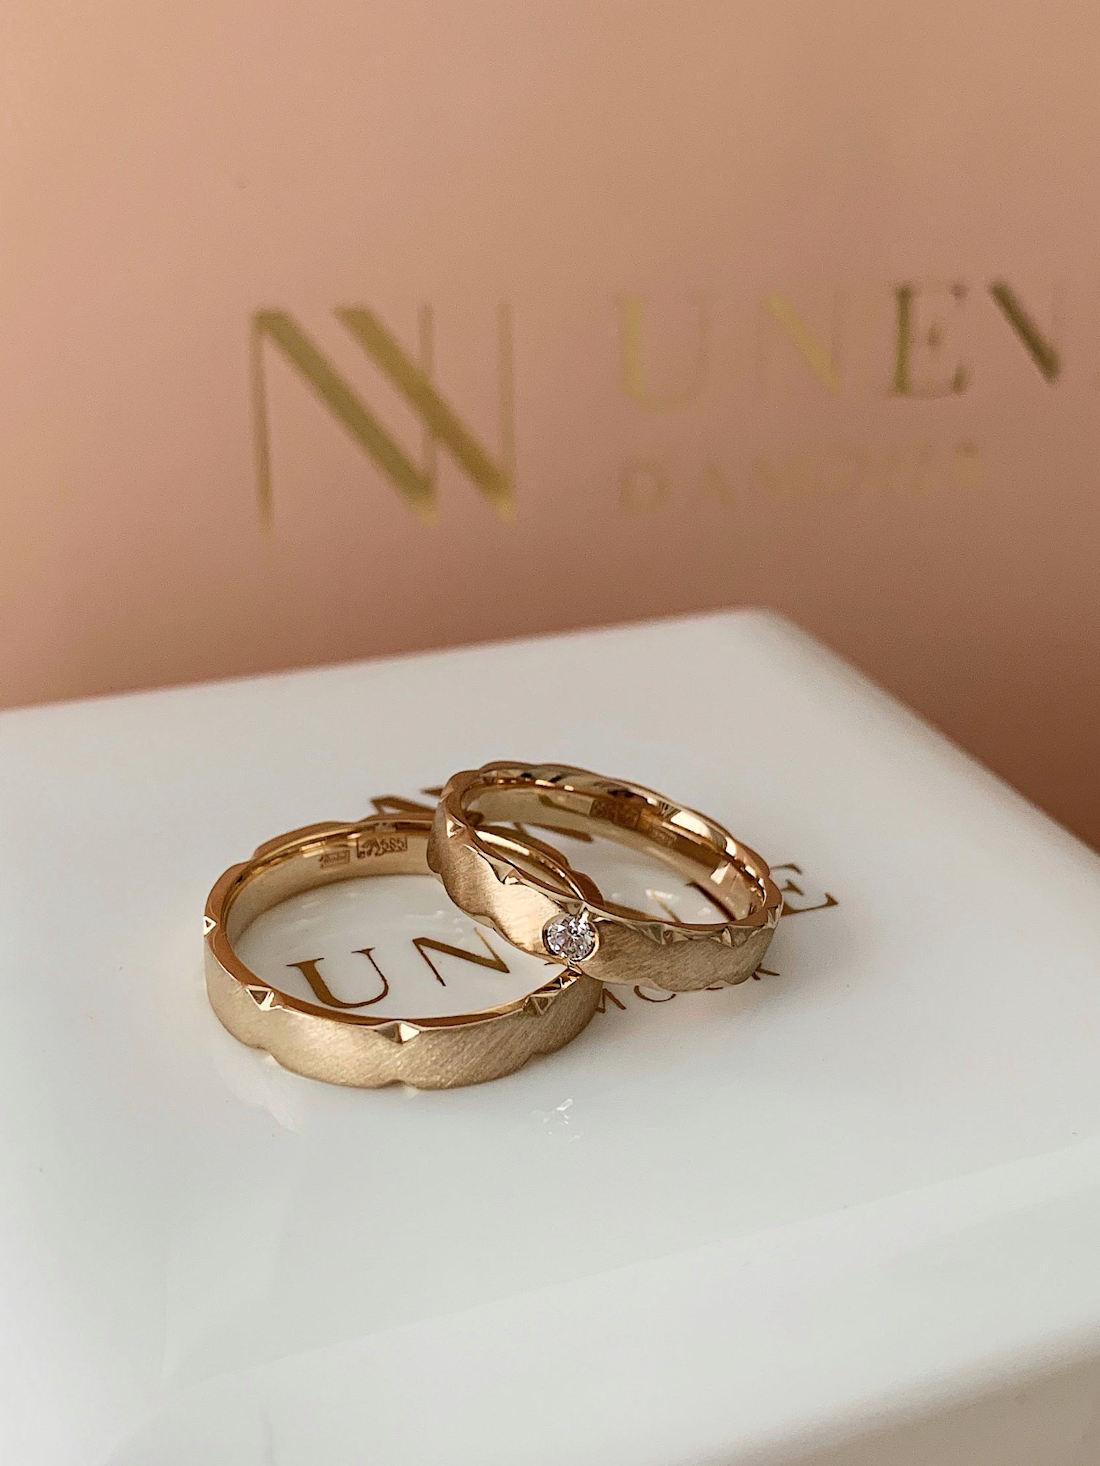 NV9 - парные обручальные колца из желтого золота с бриллиантом